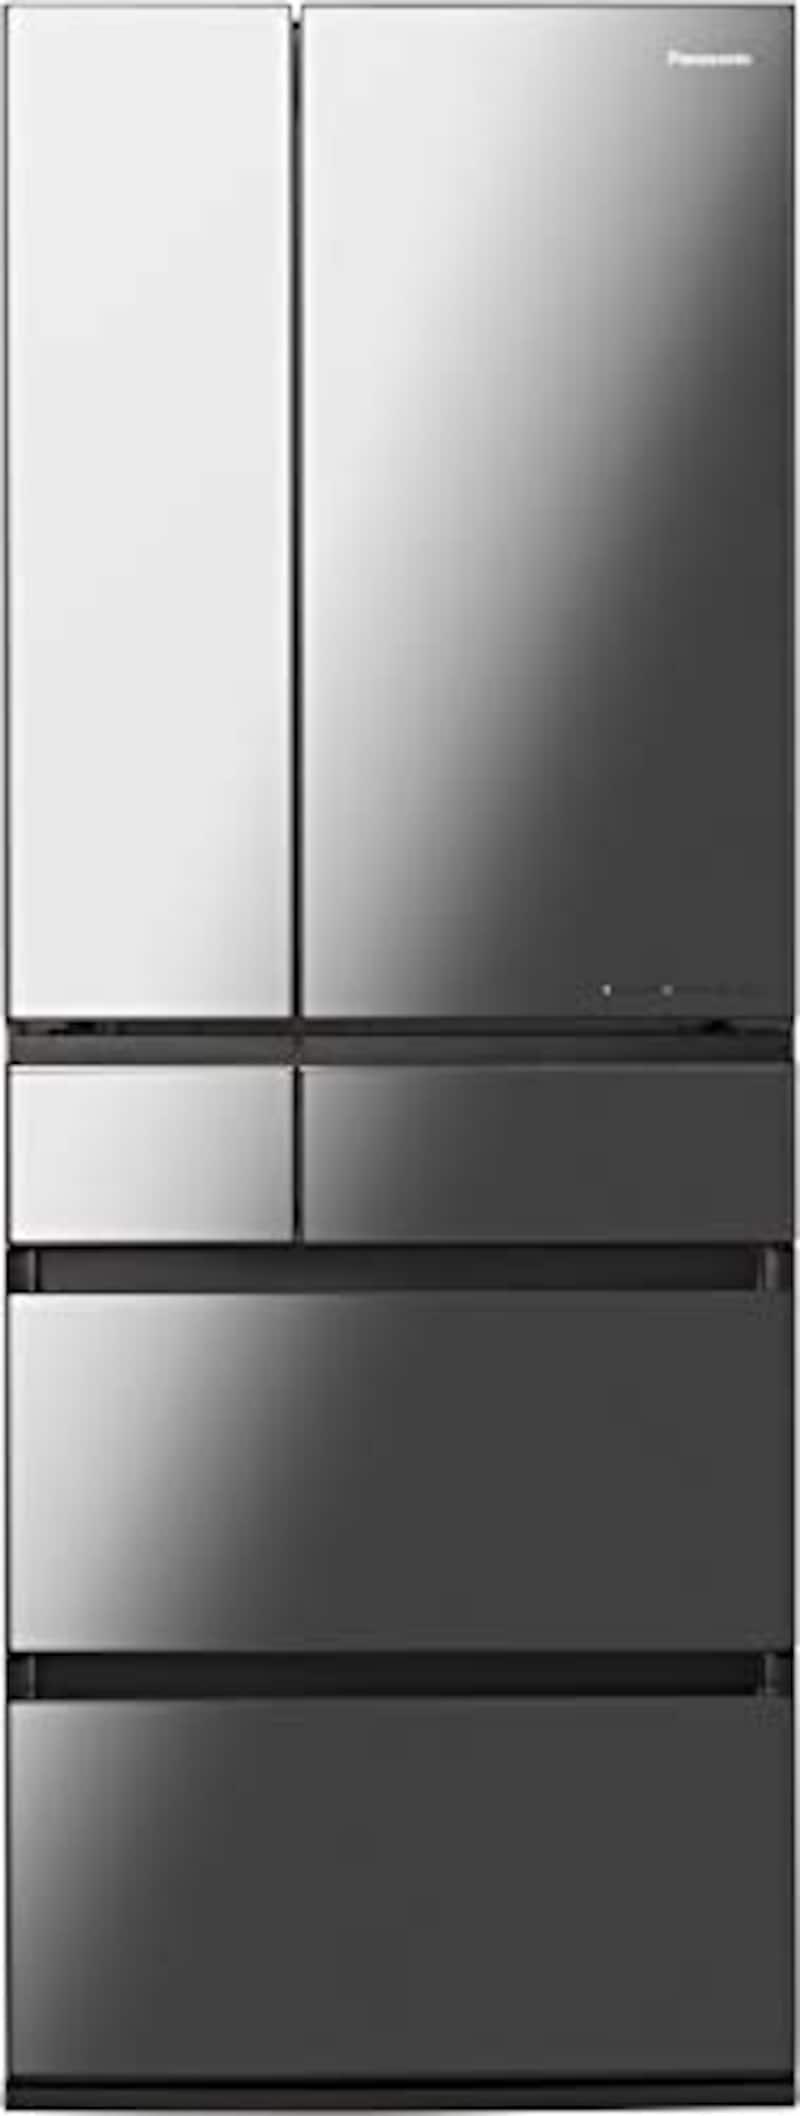 Panasonic(パナソニック),パーシャル搭載 WPXタイプ冷蔵庫,NR-F606WPX-X